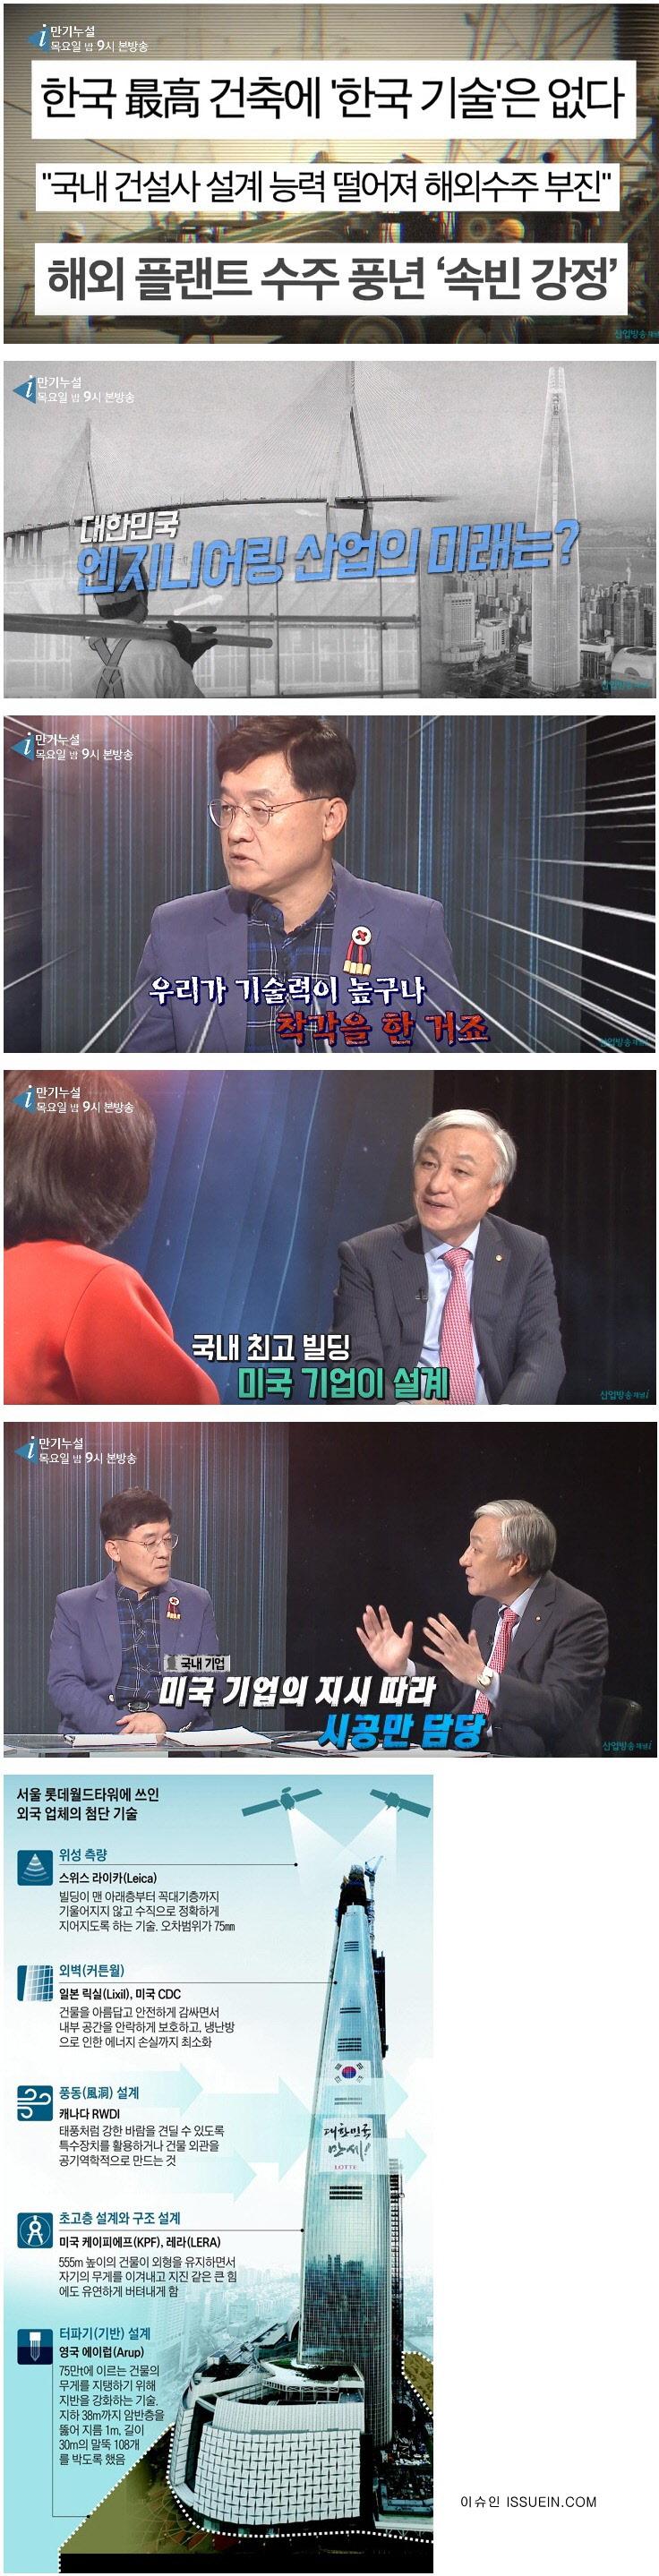 한국 기술력의 현실?